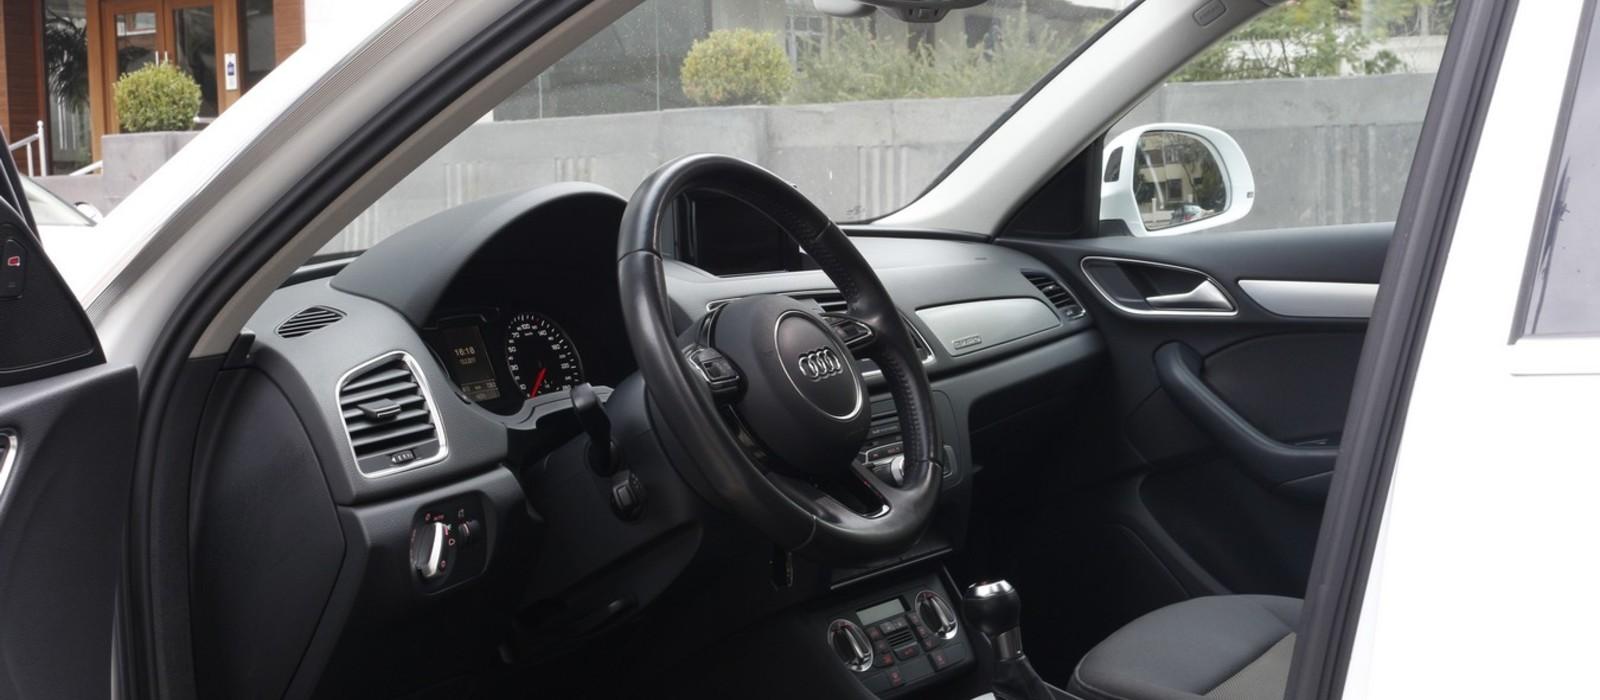 ikinci el araba 2012 Audi Q3 2.0 TDI Dizel Otomatik 79600 KM 14